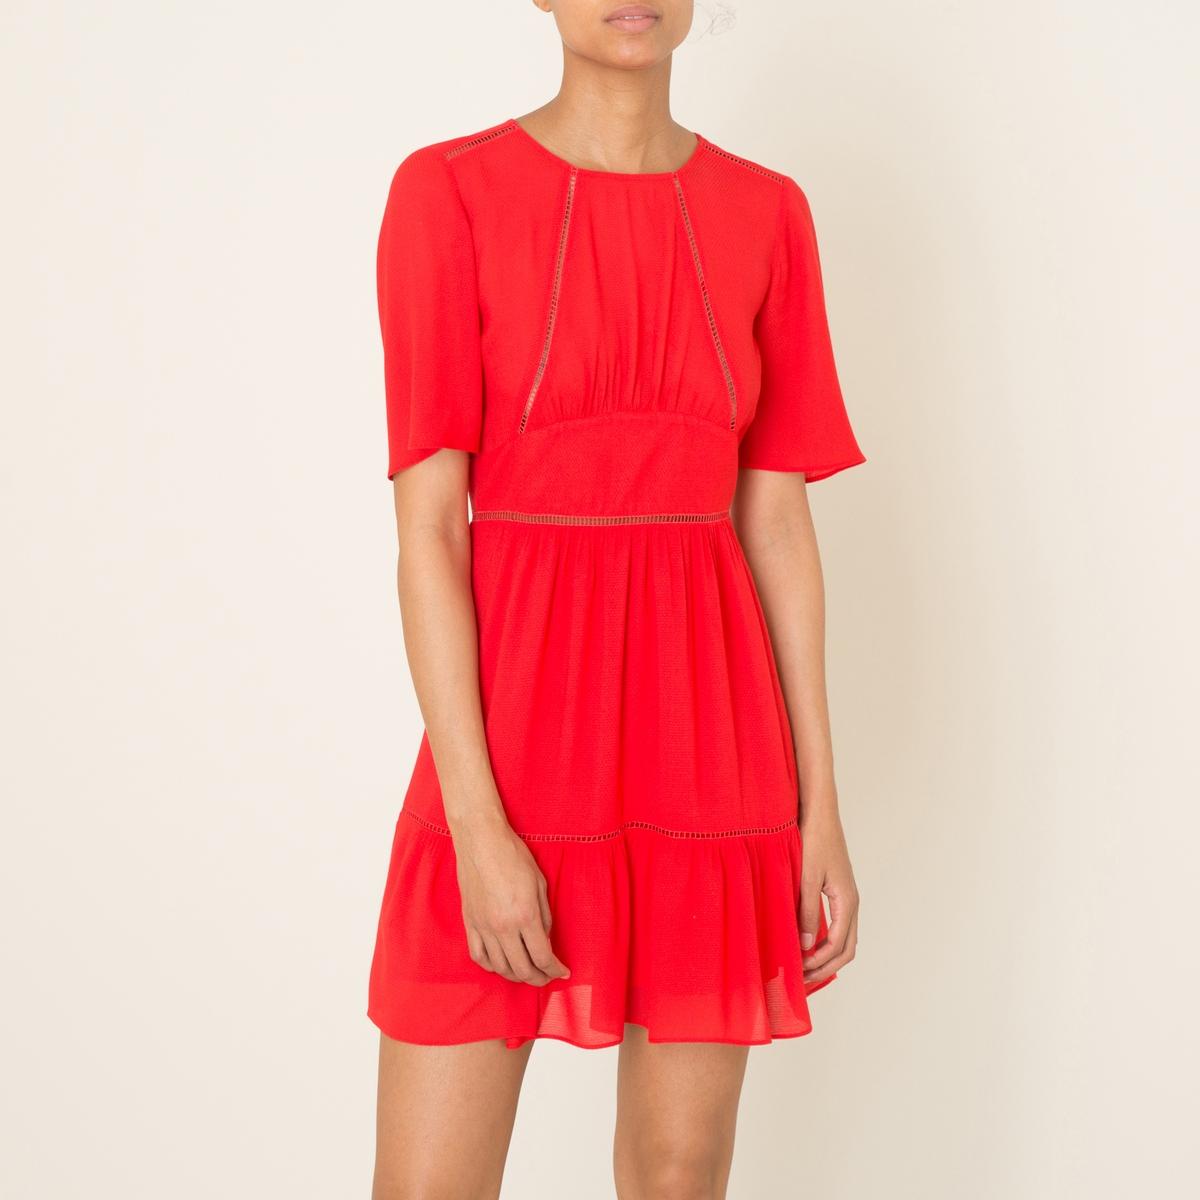 Платье WUVAПлатье короткое BA&amp;SH - модель WUVA. Закругленный вырез  . Короткие рукава. Ажурная вышивка. Подчеркнутая линия талии. Застежка на молнию сзади.Состав и описание    Материал : 100% полиэстер   Марка : BA&amp;SH<br><br>Цвет: красный<br>Размер: S